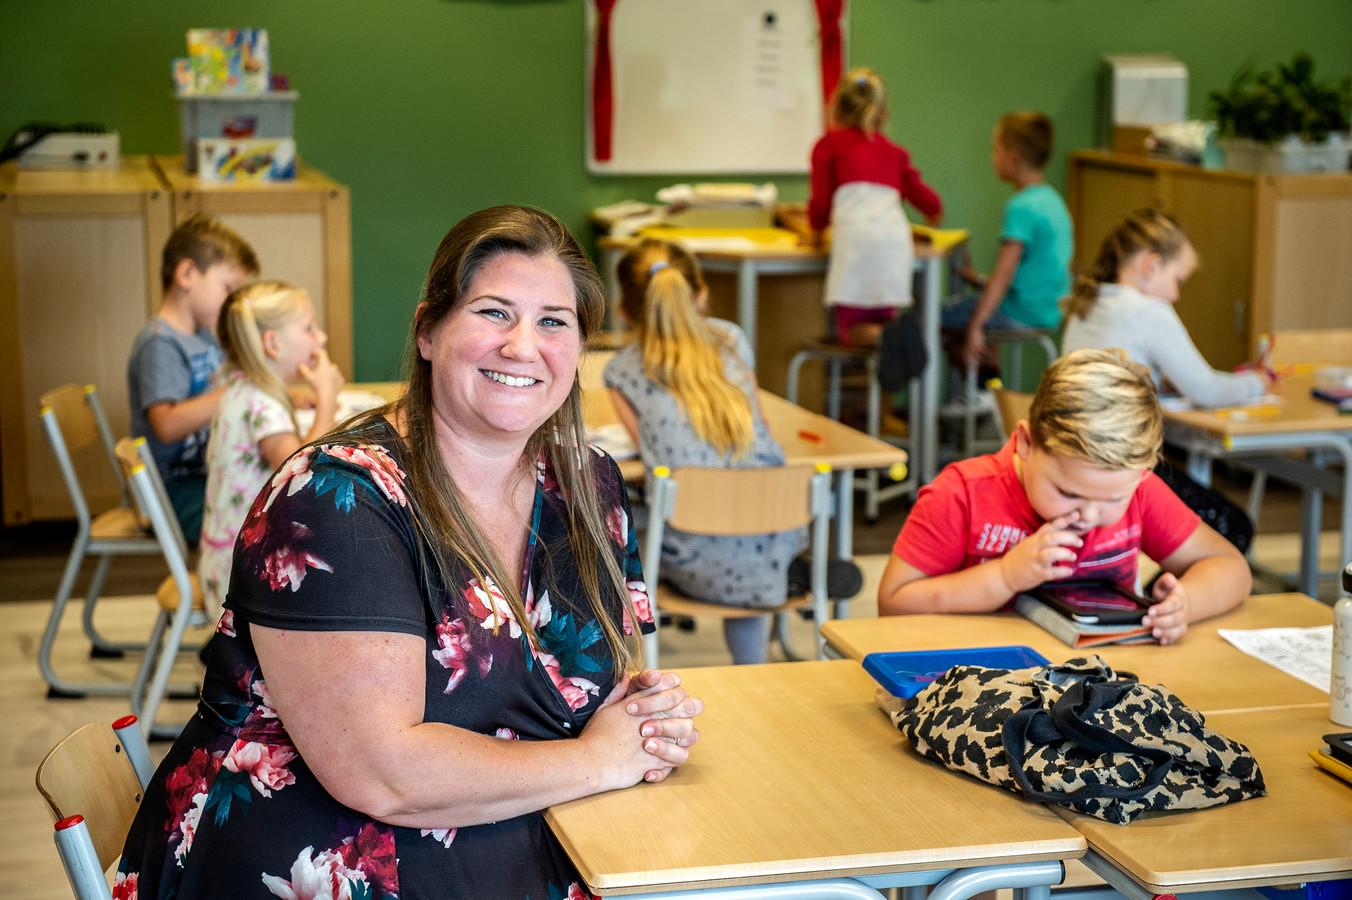 Schoolleider Deborah Snoeren (36) gaat 'haar' Tweestromenschool op 12 september ontruimen. Zo doet ze mee aan de actie voor meer loon, erkenning en minder werkdruk van schooldirecteuren.